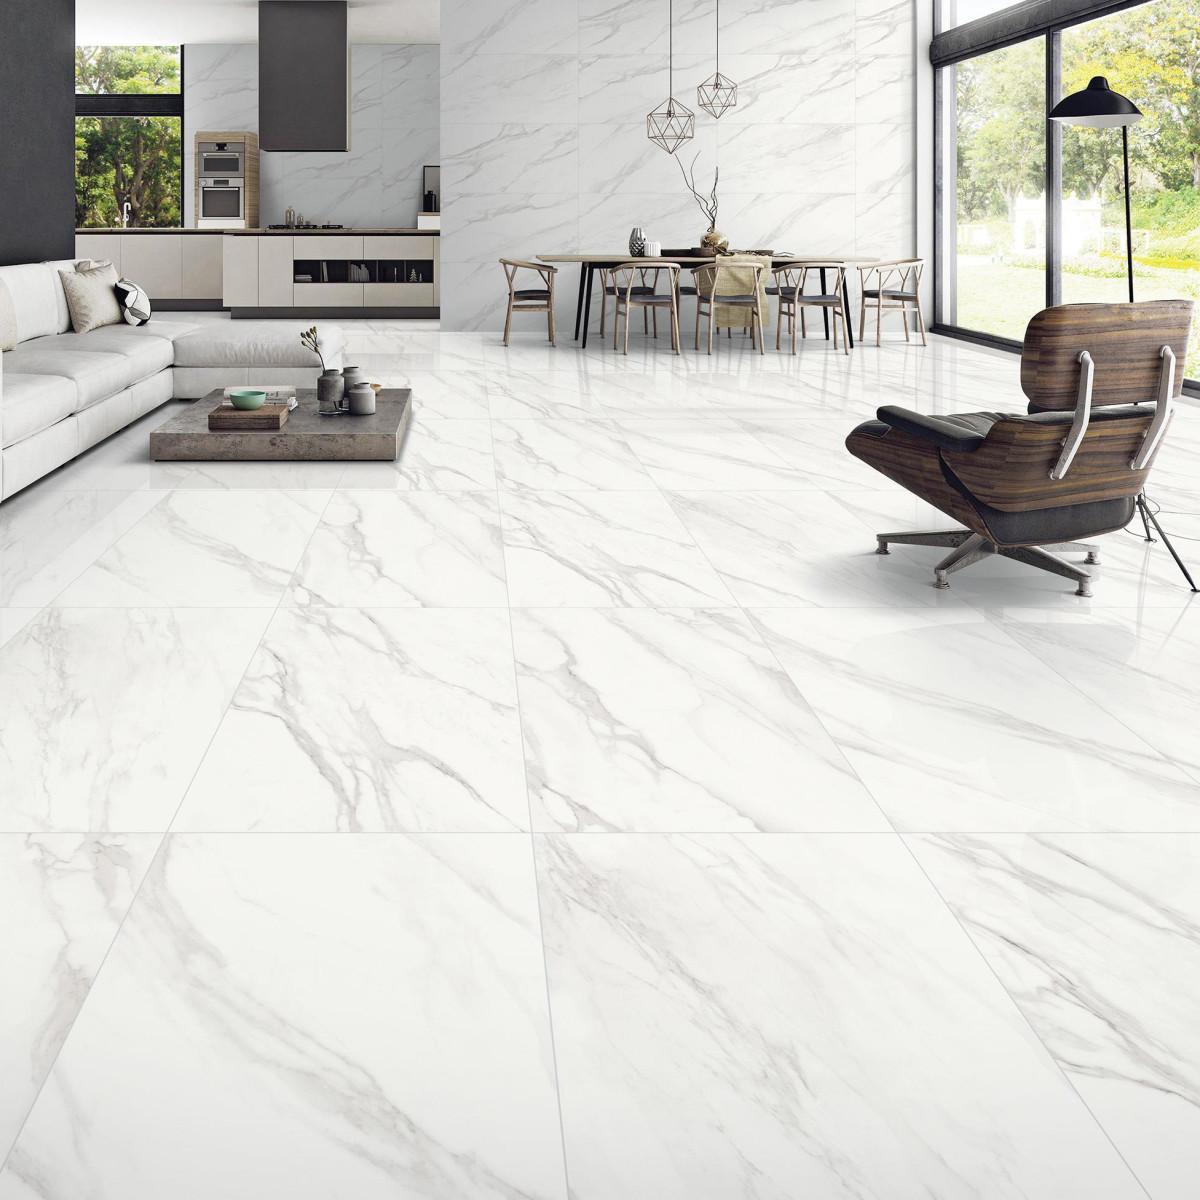 Керамогранит Calacatta Superb 120x60 см 1.44 м² цвет белый